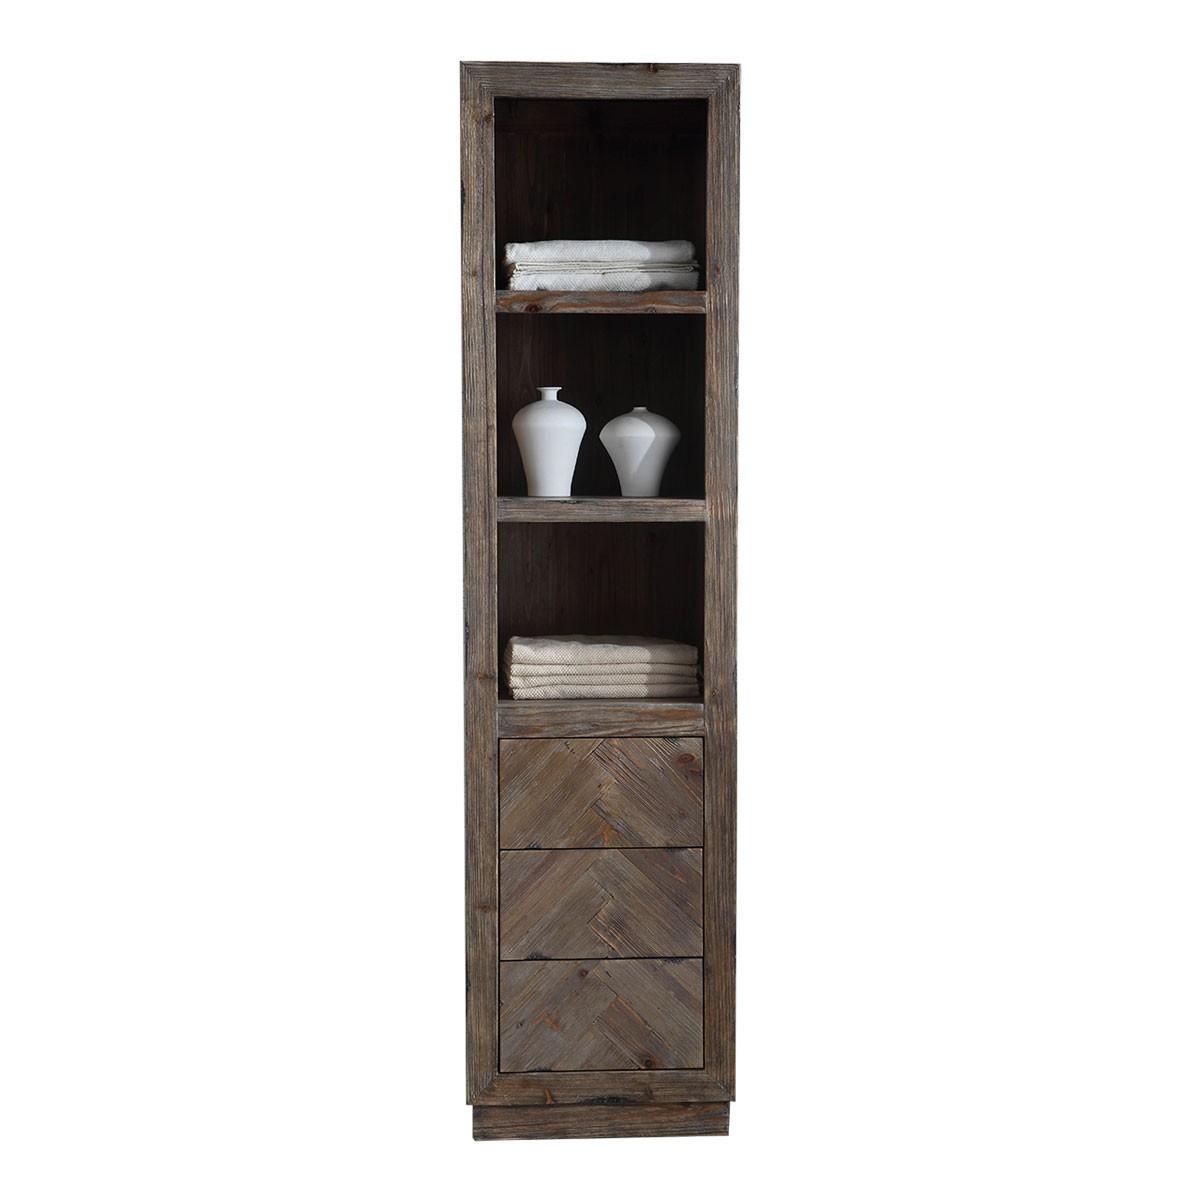 20 x 85 In. Freestanding Bathroom Linen Cabinet (DK-WH9320)